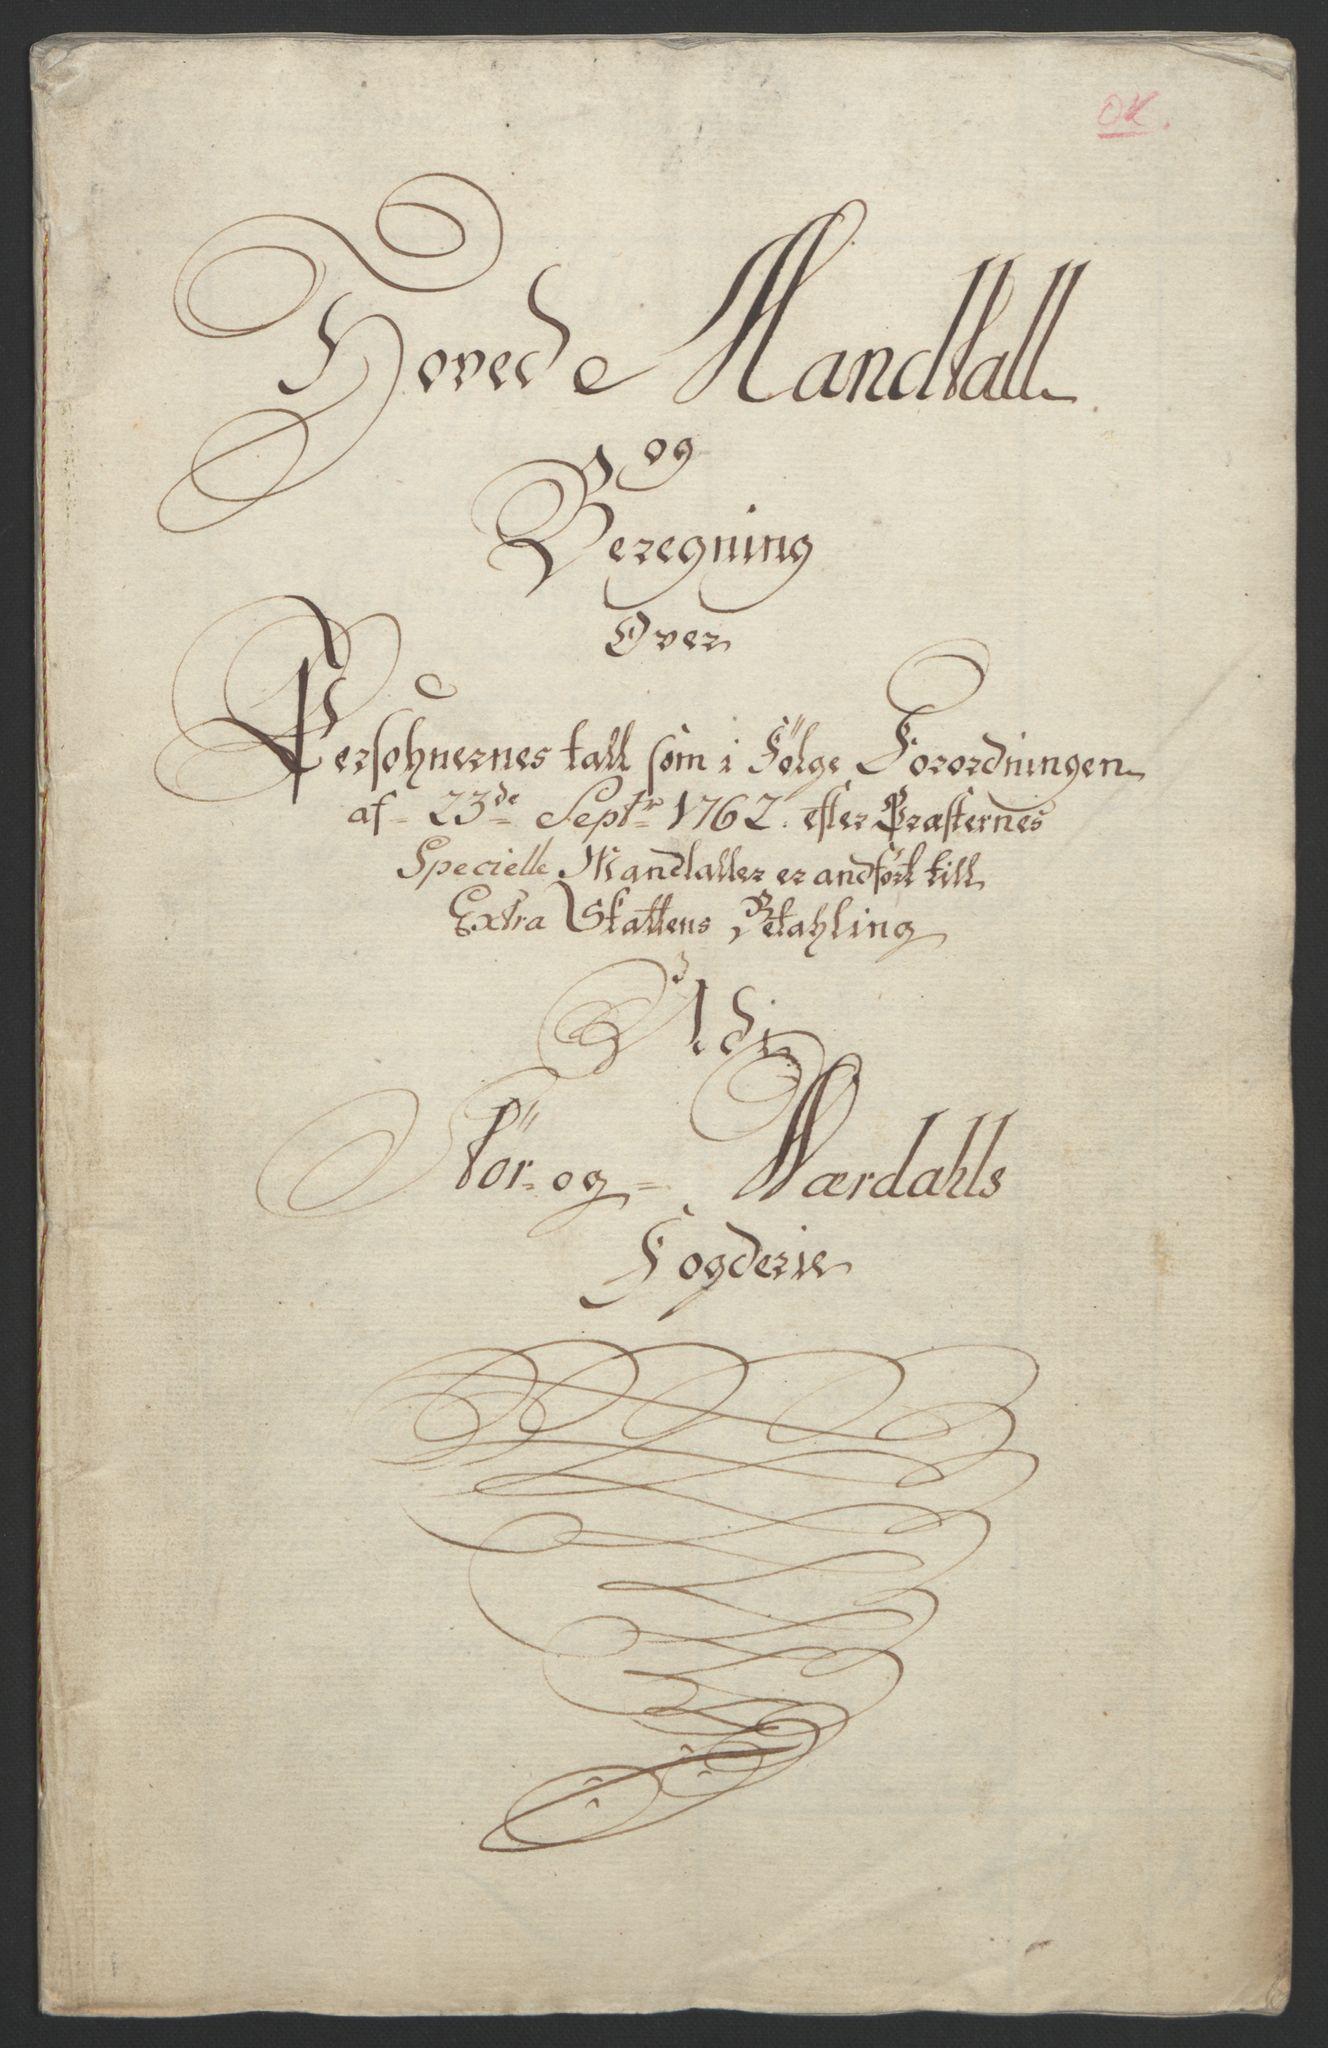 RA, Rentekammeret inntil 1814, Reviderte regnskaper, Fogderegnskap, R62/L4303: Ekstraskatten Stjørdal og Verdal, 1762-1763, s. 60